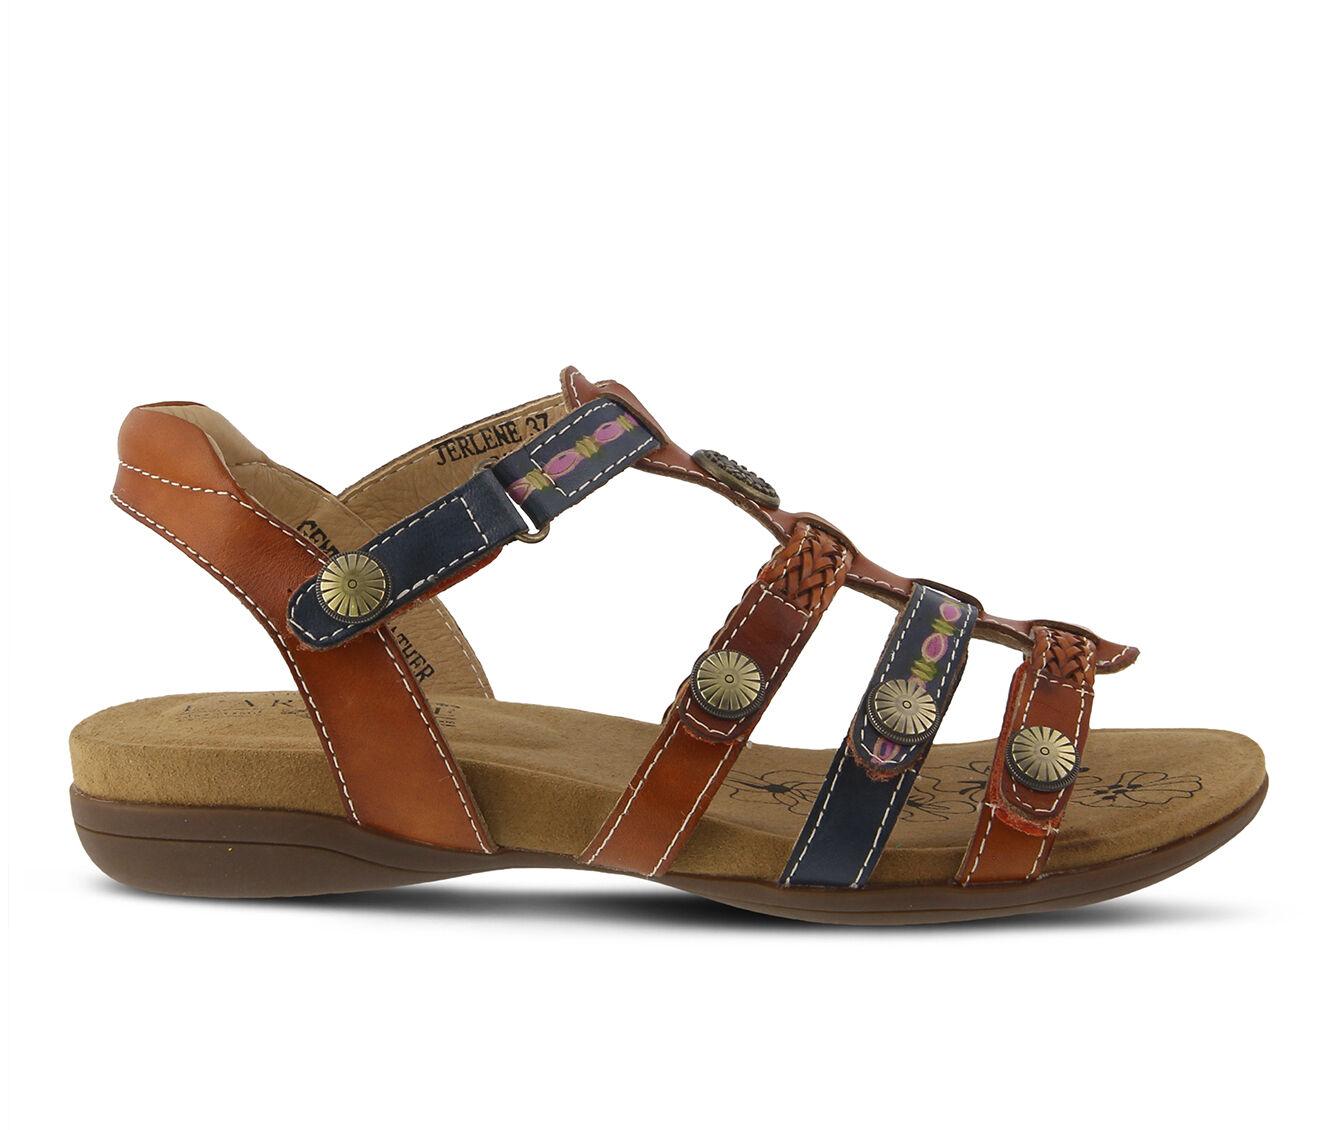 Women's L'ARTISTE Jerlene Sandals Camel Mutli